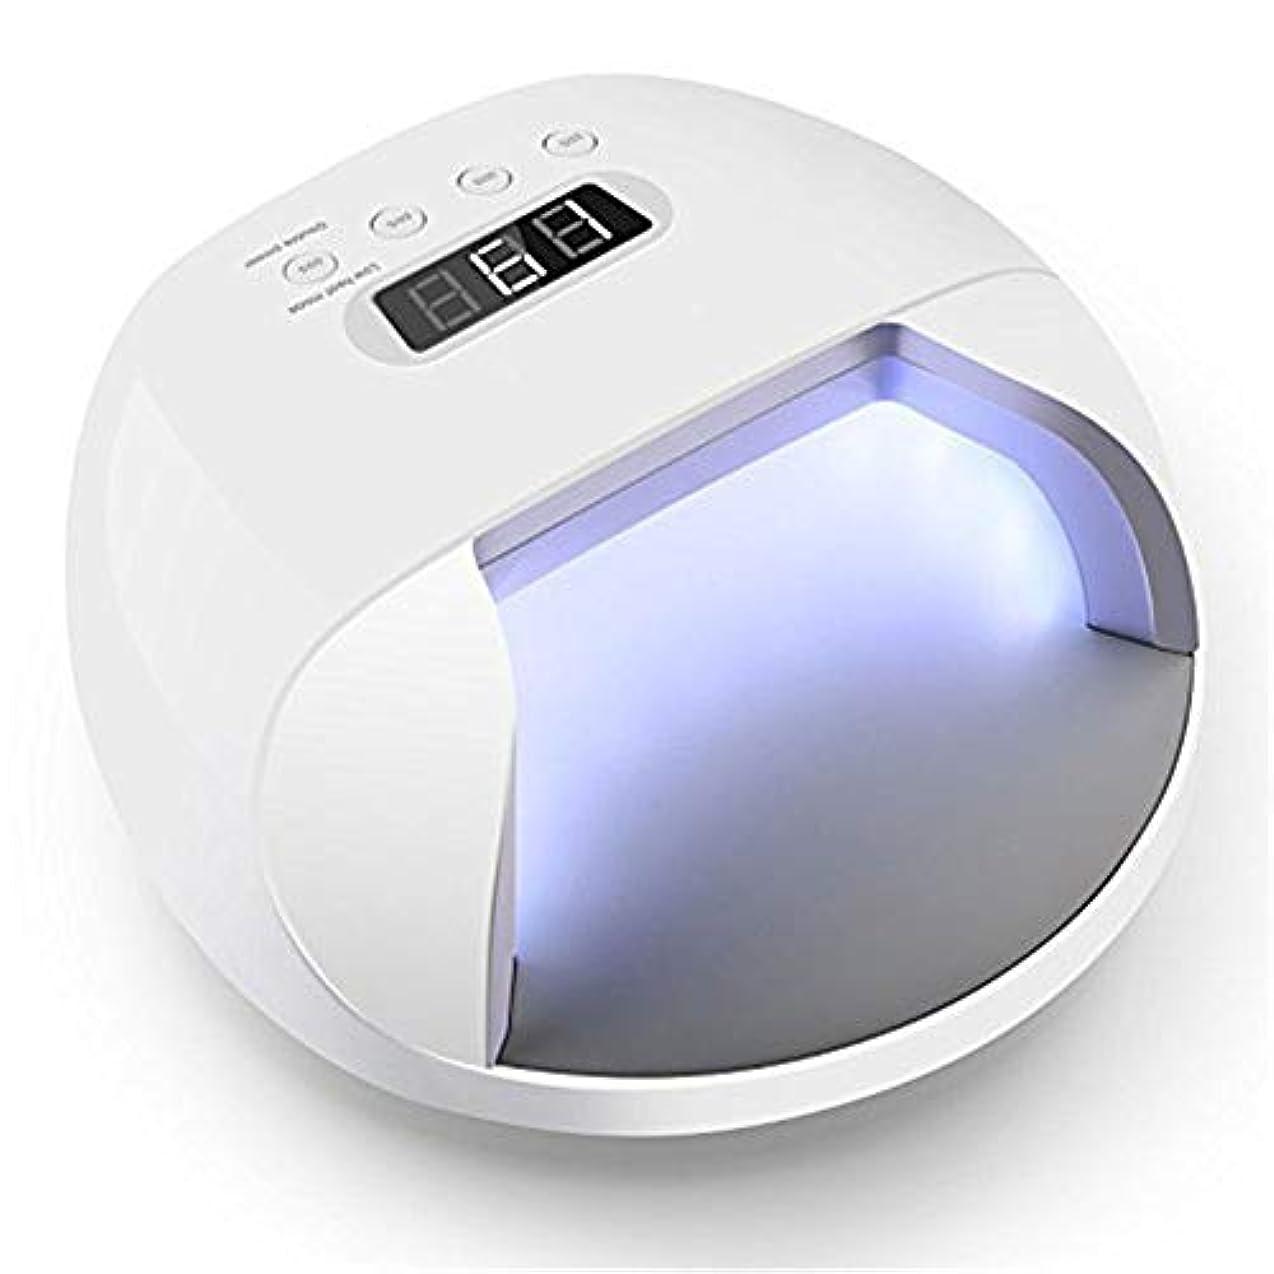 各覚えている屋内ダブルパワーデザイン、4タイマー設定、液晶ディスプレイ、痛みのない硬化、過熱保護を備えたジェルネイル用UV LEDネイルランプUVライト